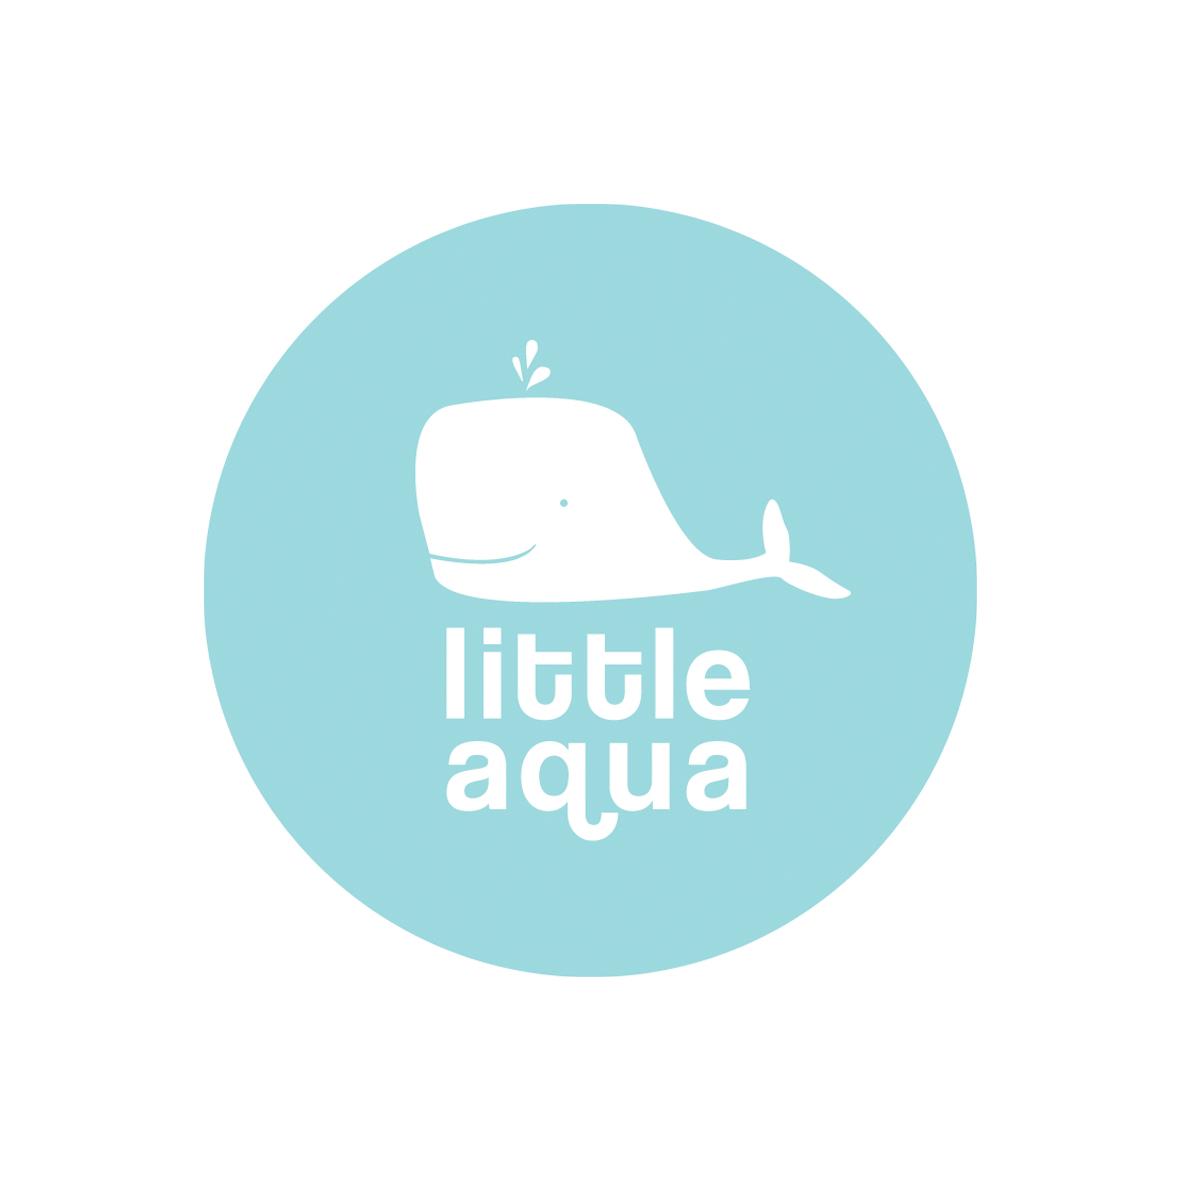 LITTLE AQUA.jpg